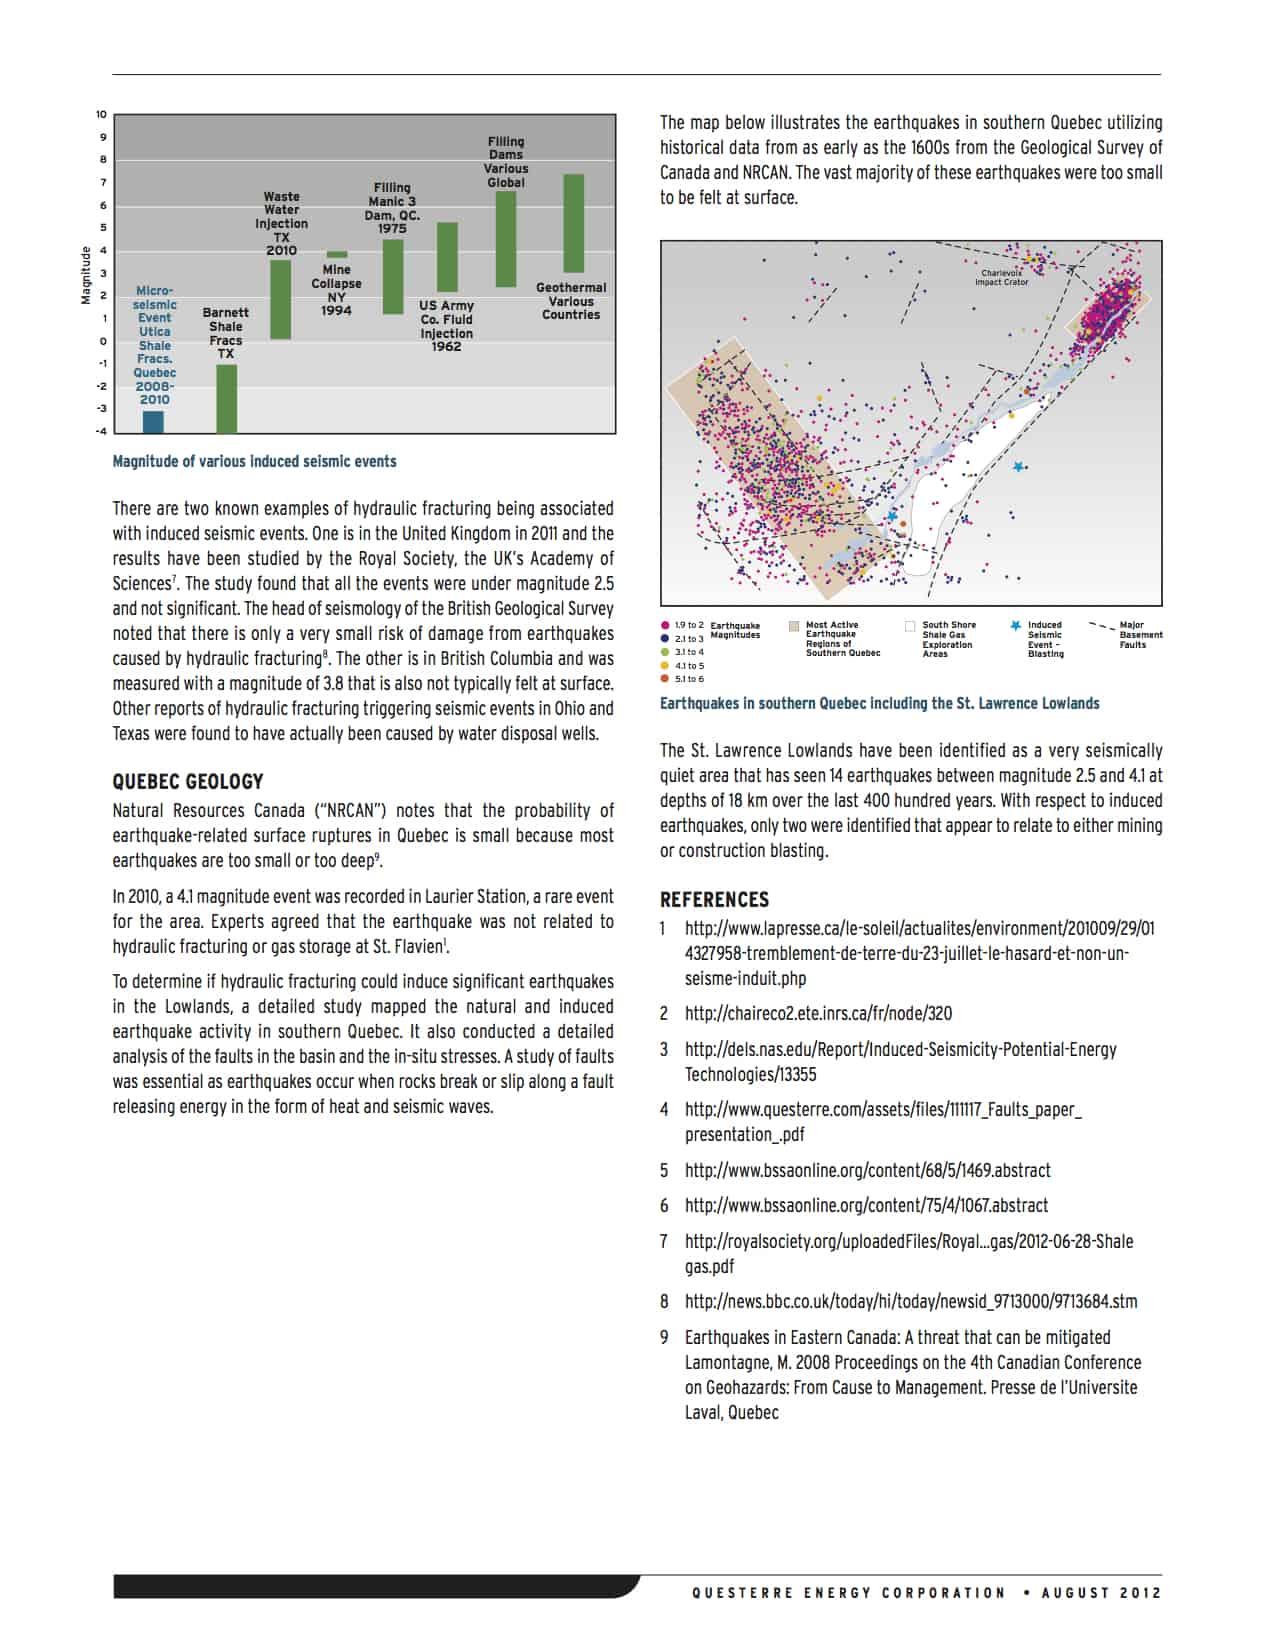 FracQuake_Backgrounder_August_2012_2